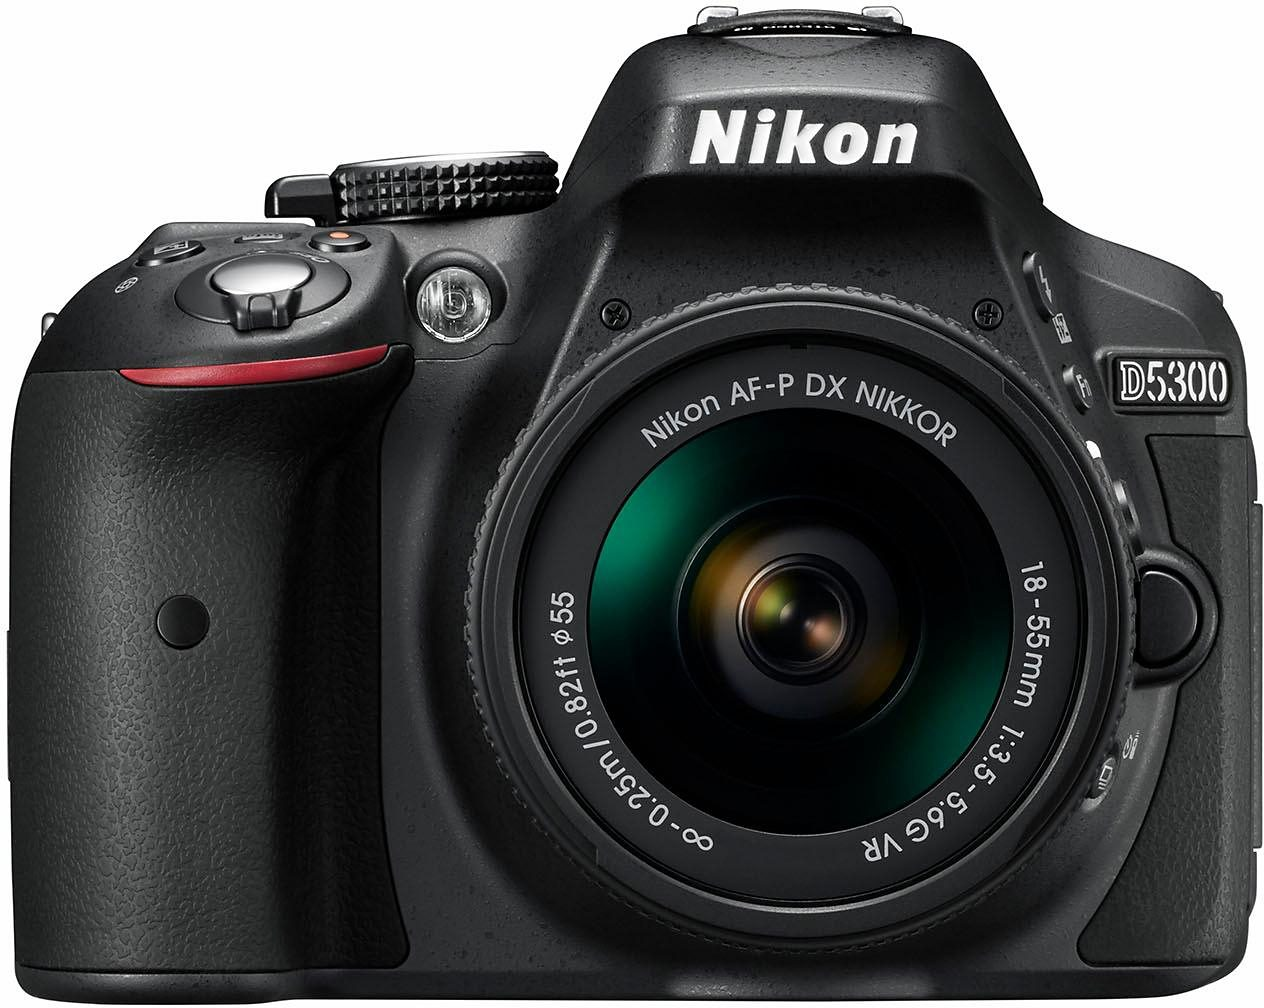 Nikon D5300 Kit Spiegelreflex Kamera, AF-P 18-55 VR Zoom, 24,2 MP